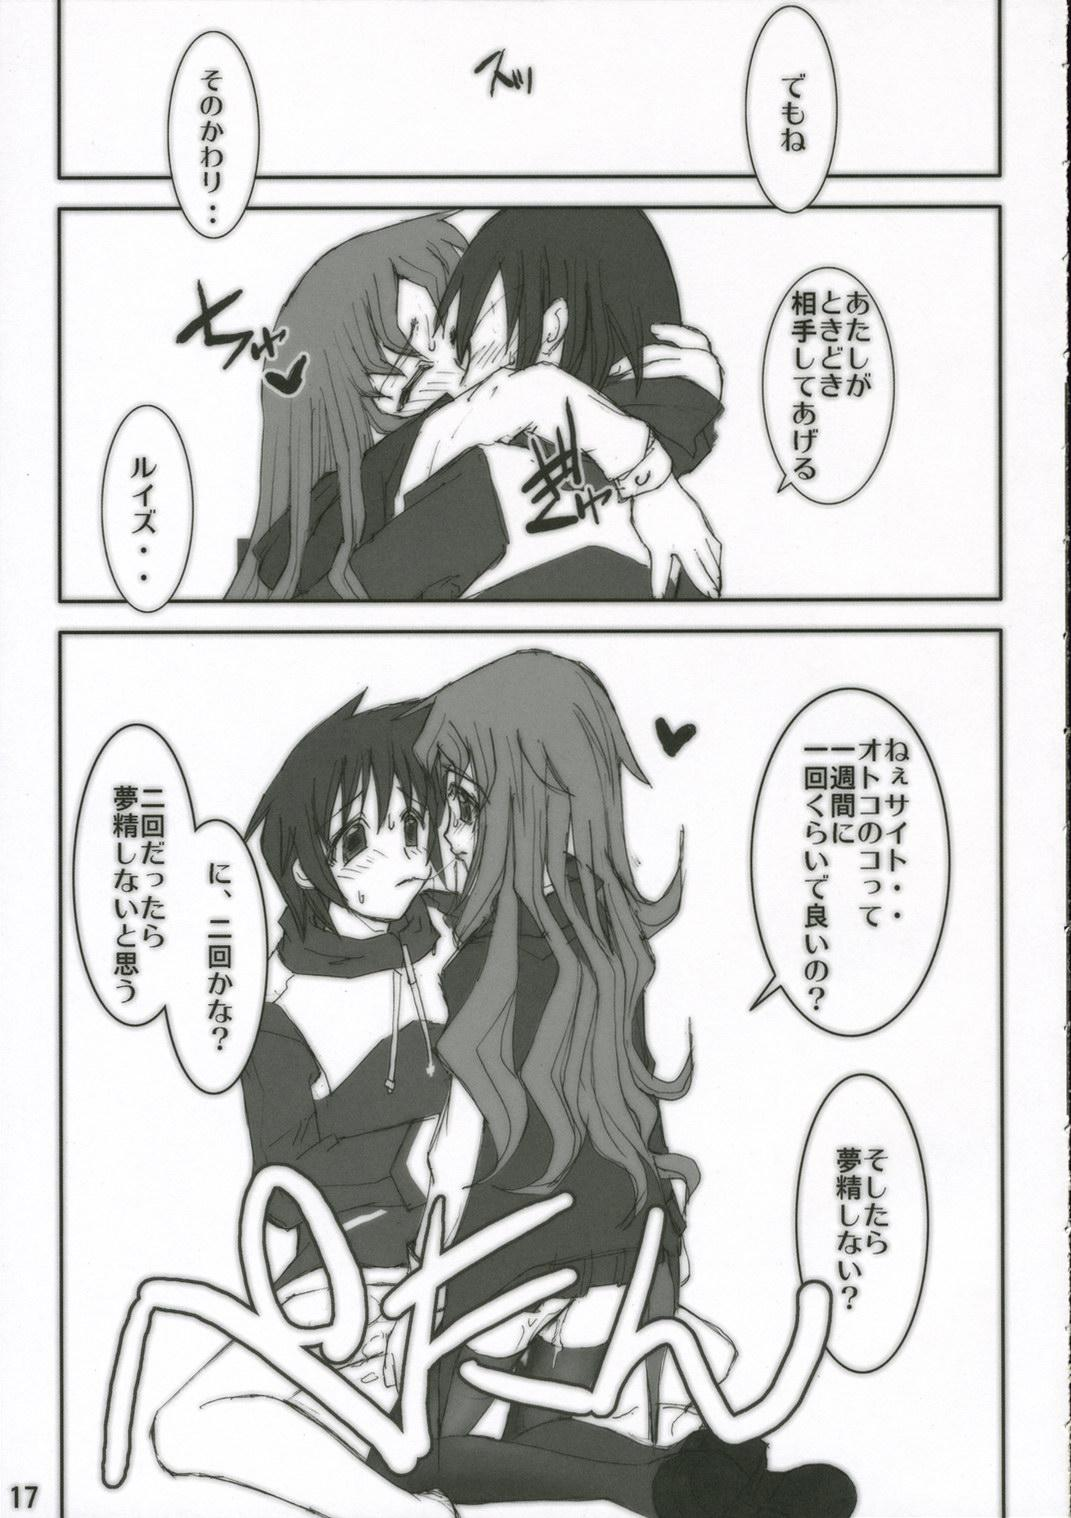 Hajimete no Inu 17